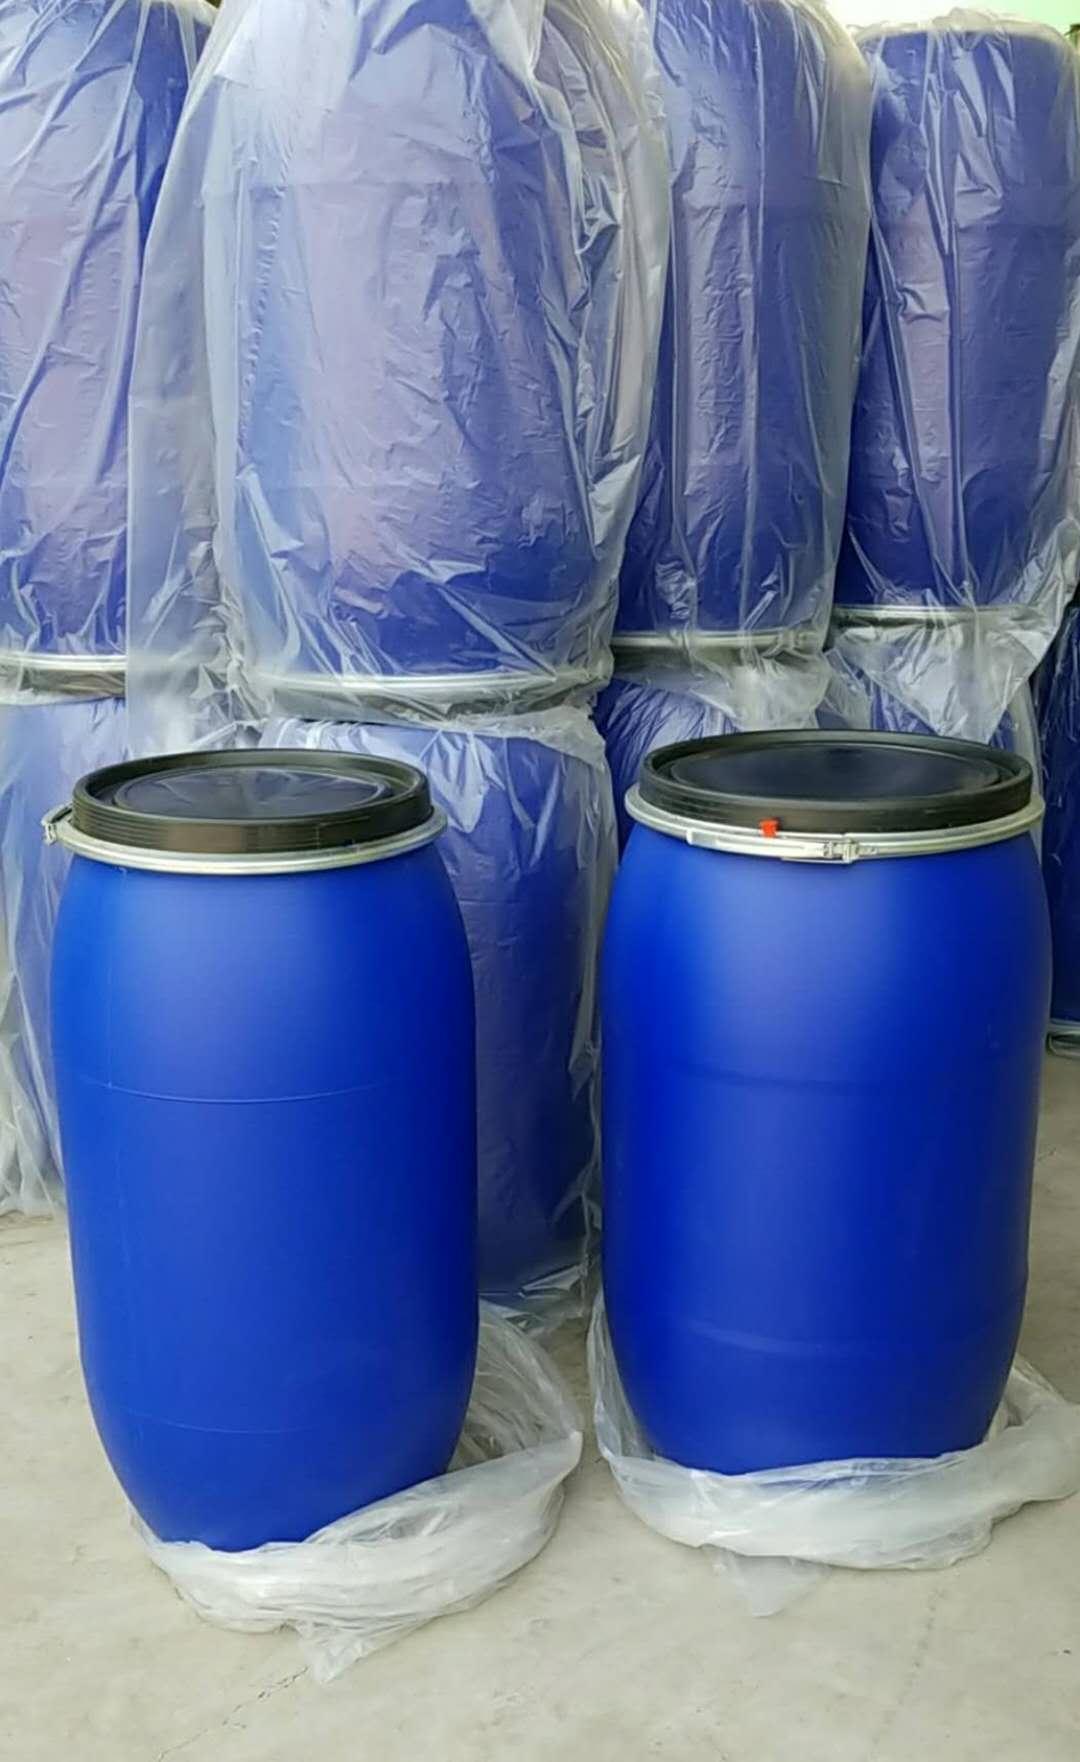 200升双环桶200升法兰包箍桶200升塑料桶200升塑胶桶